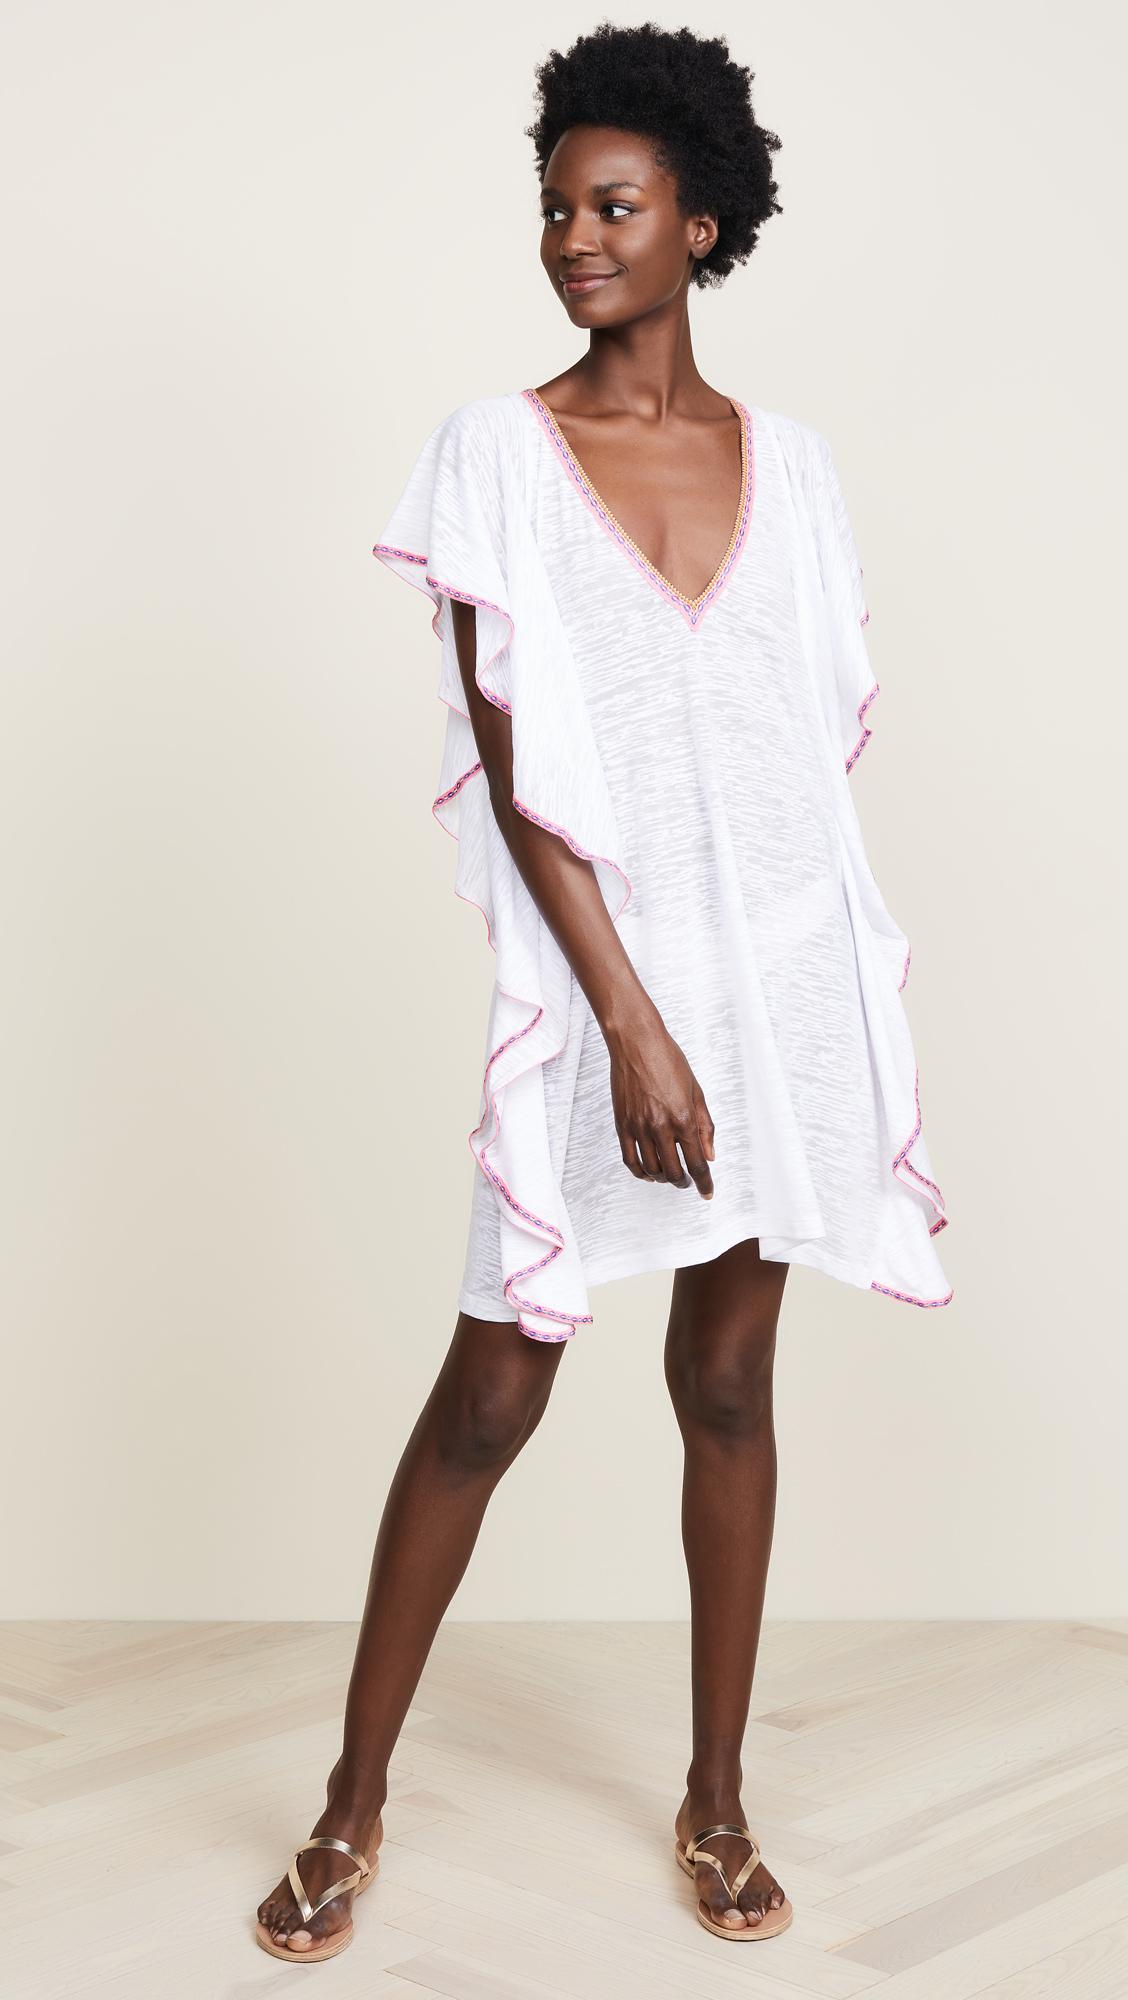 fd44436f21e Pitusa Flare Mini Dress